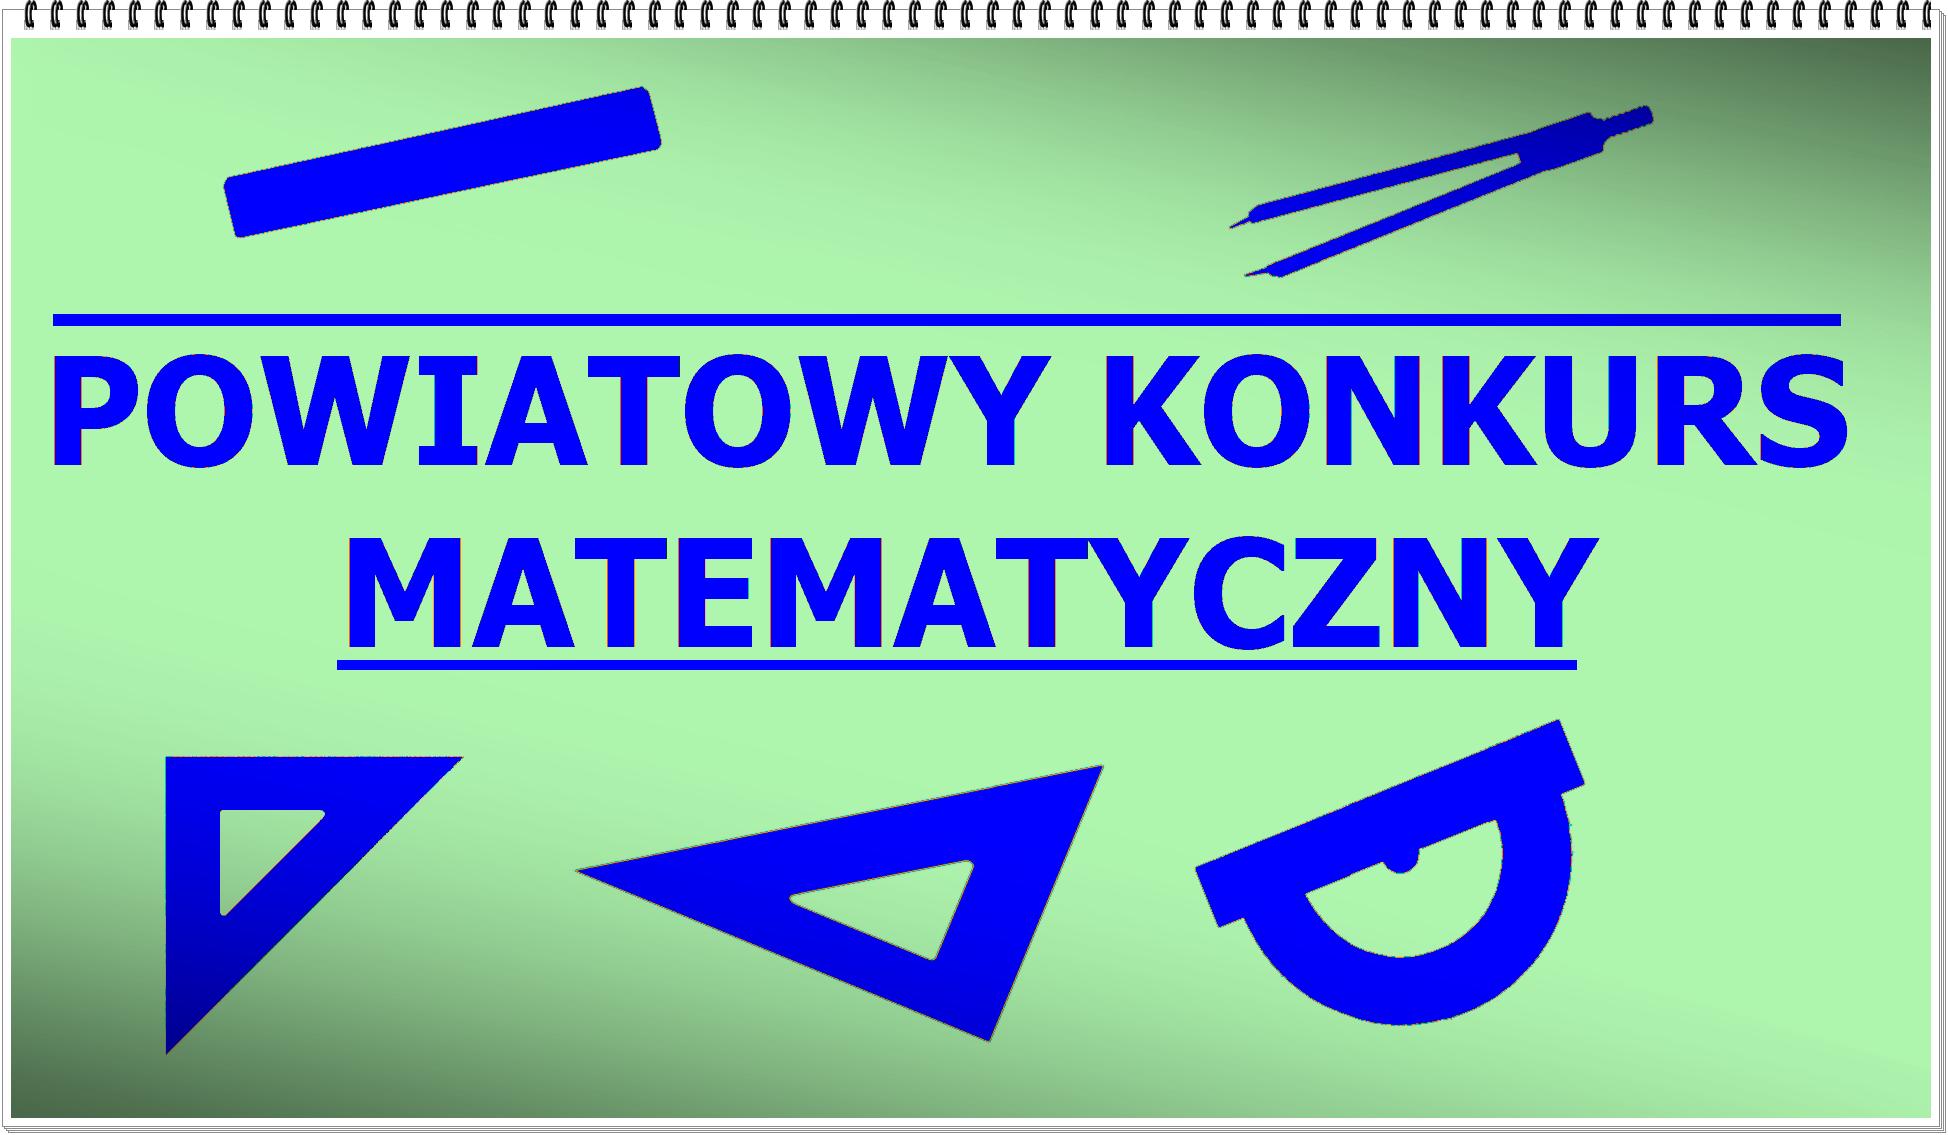 Powiatowy Konkurs Matematyczny – regulamin